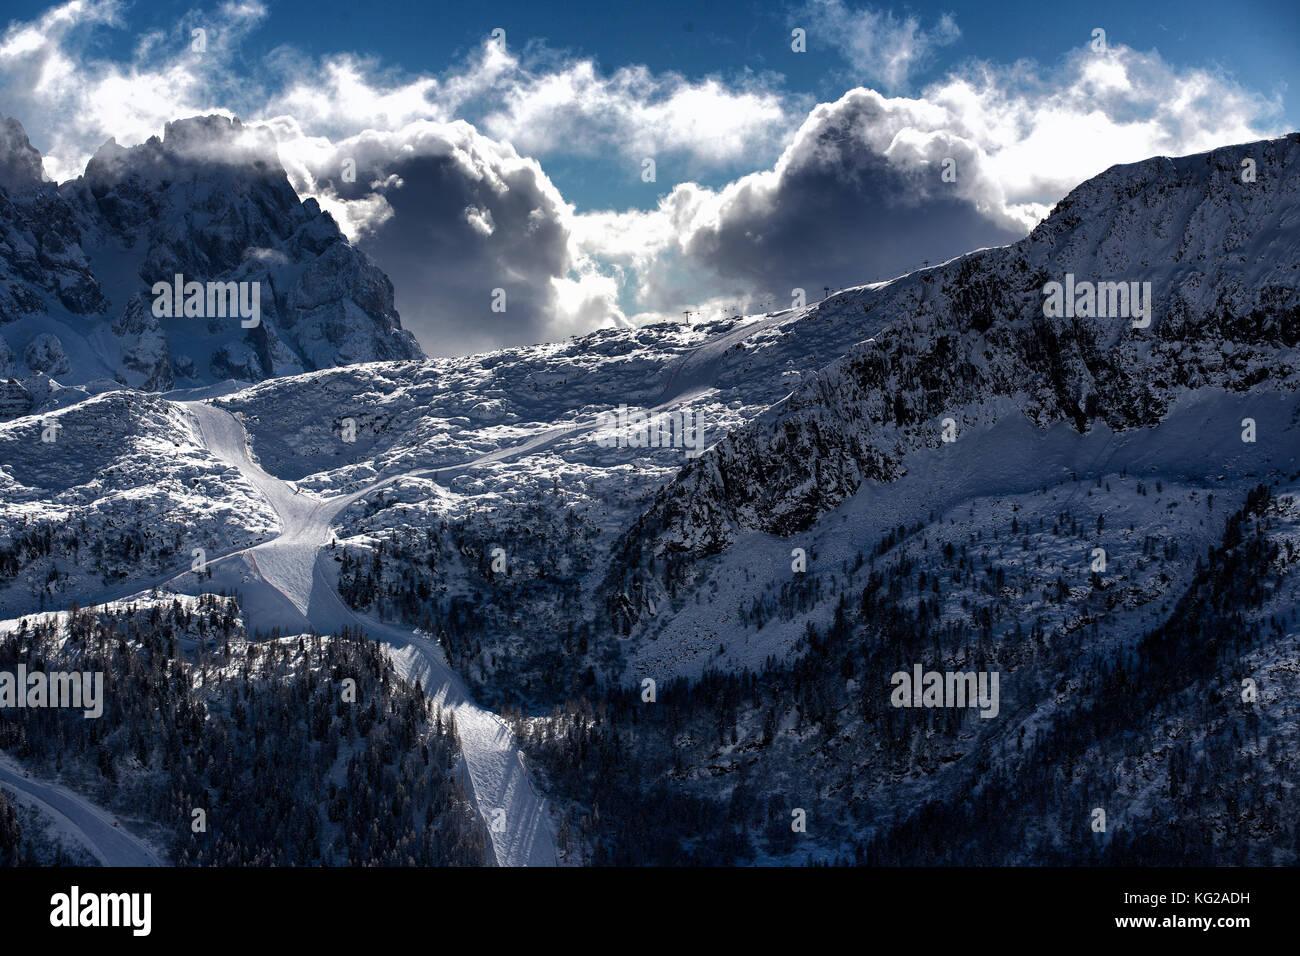 Skigebiet Landschaft mit guten Winter Wetter Stockbild